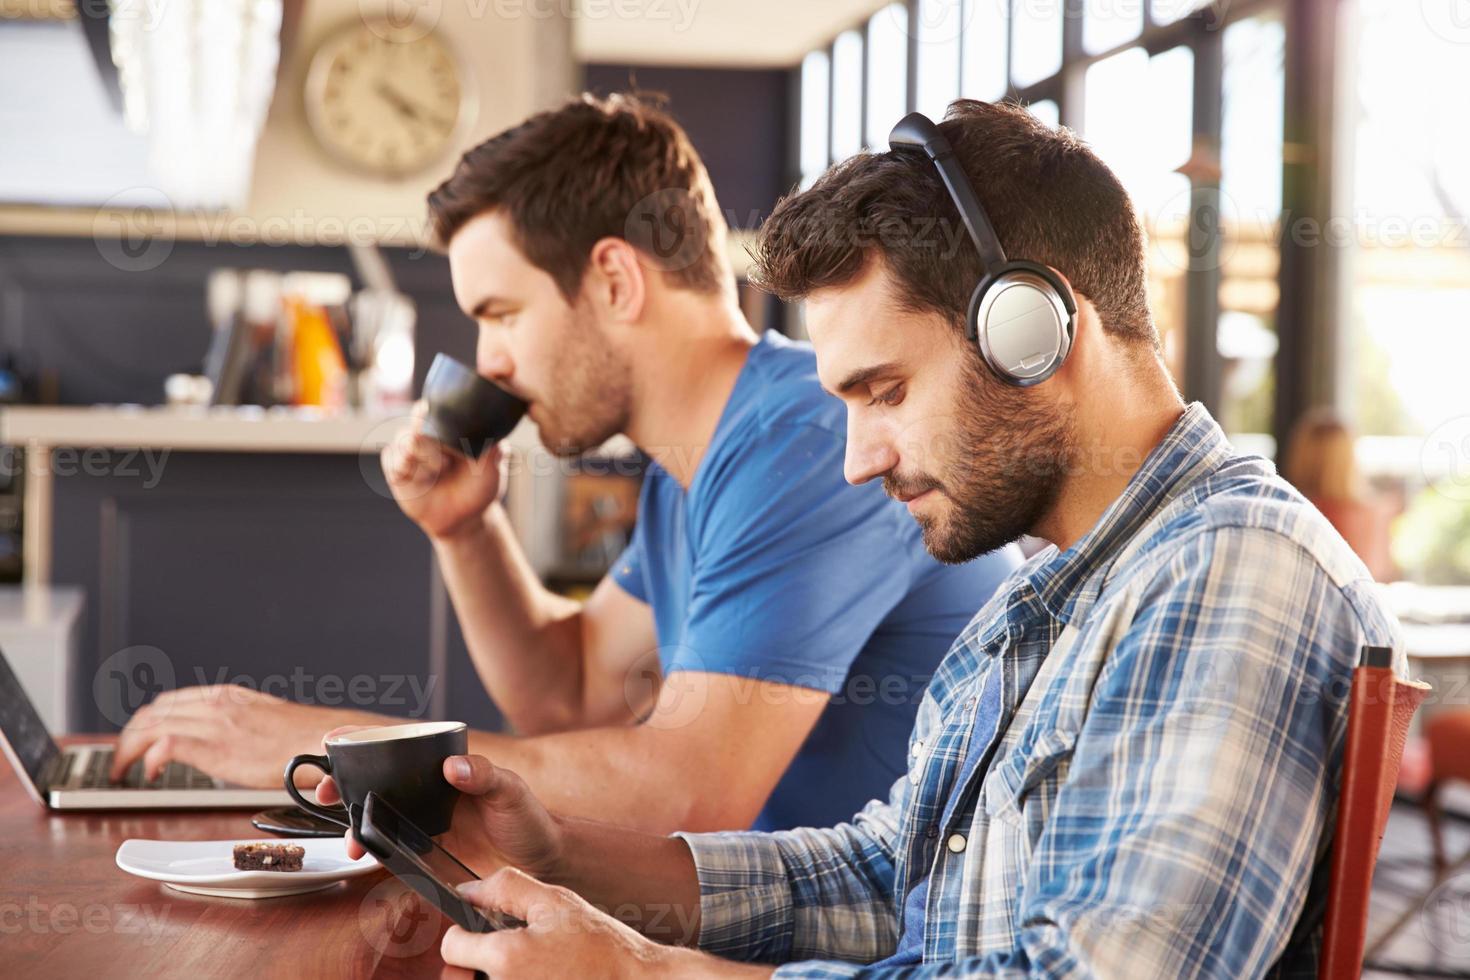 dois jovens trabalhando em computadores em uma cafeteria foto